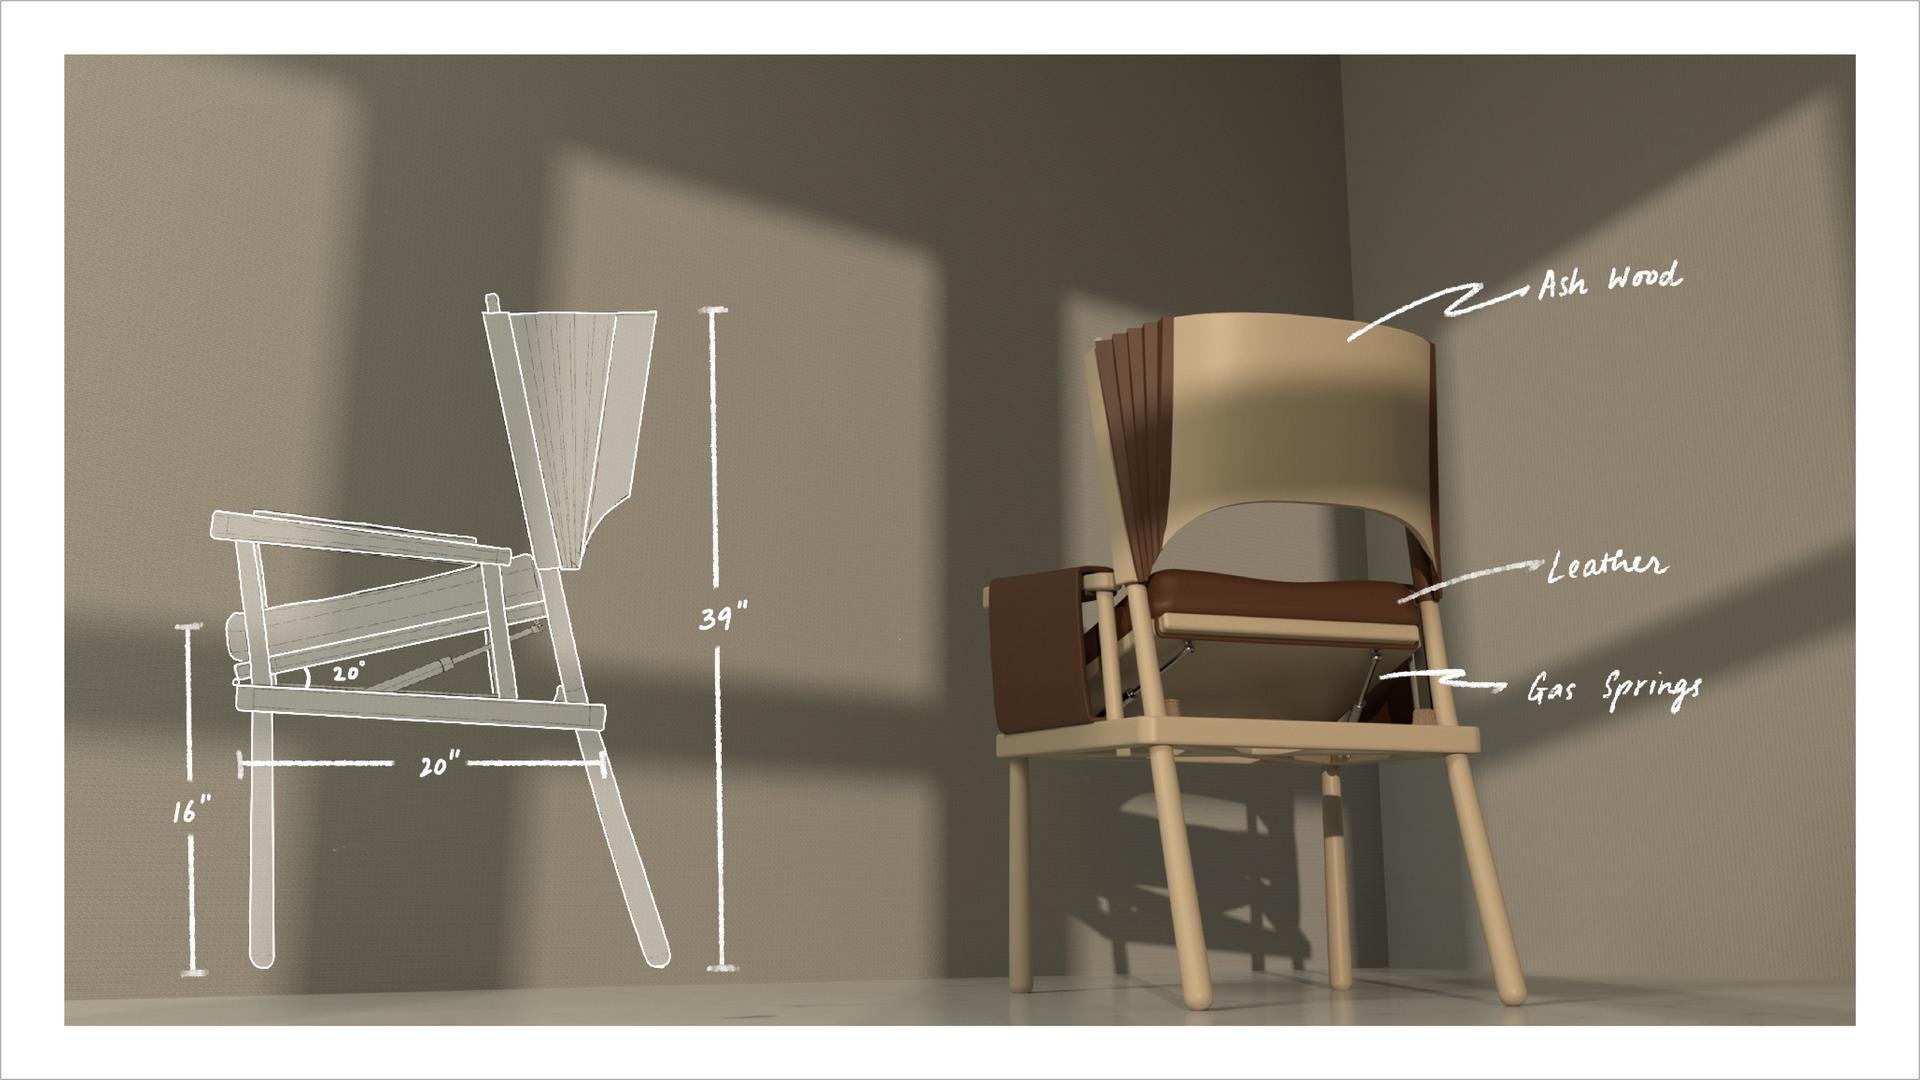 Dimensions + Materials